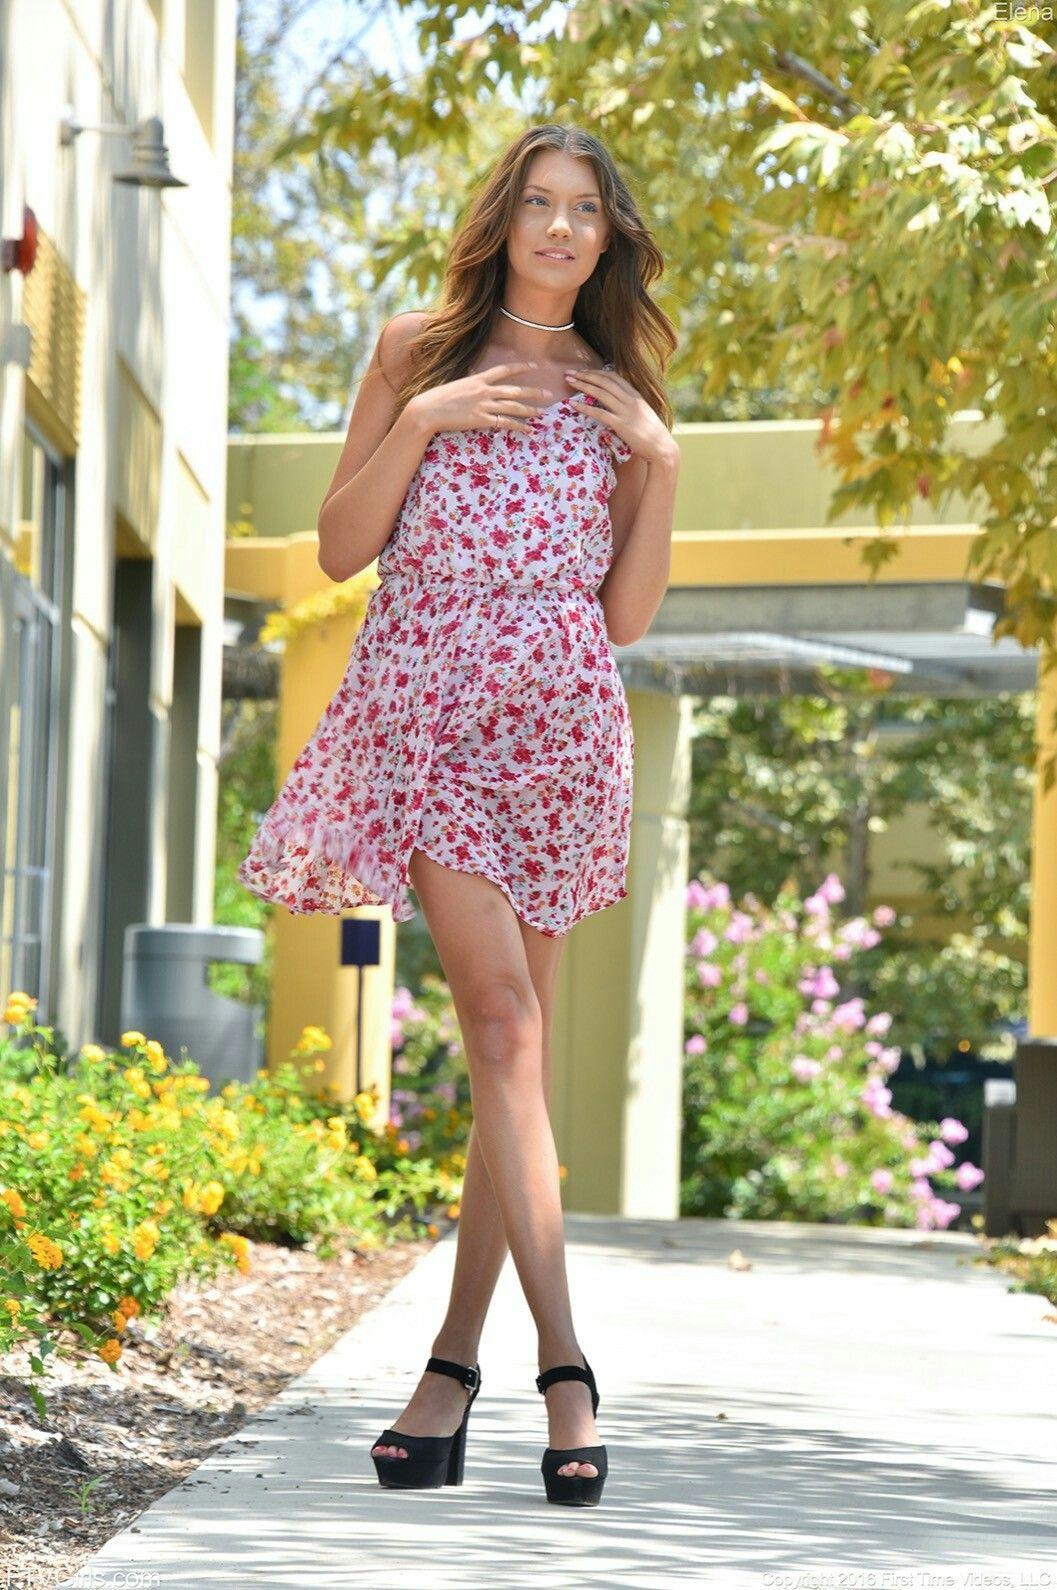 красивые девушки снимают платья эта девушка